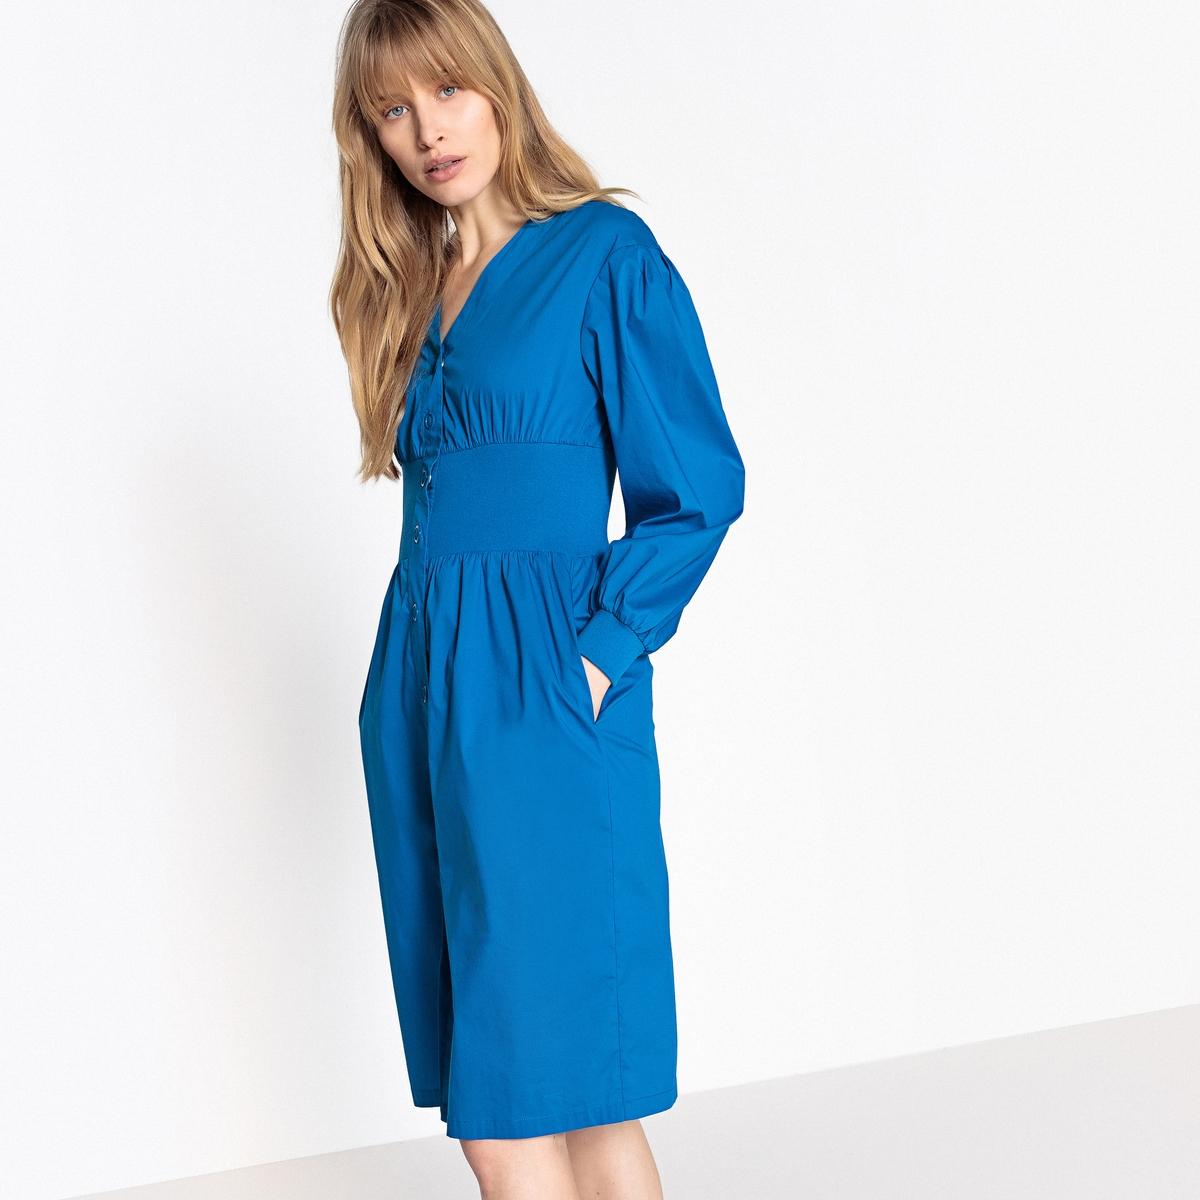 Платье расклешенное с застежкой на пуговицы спереди, на резинке